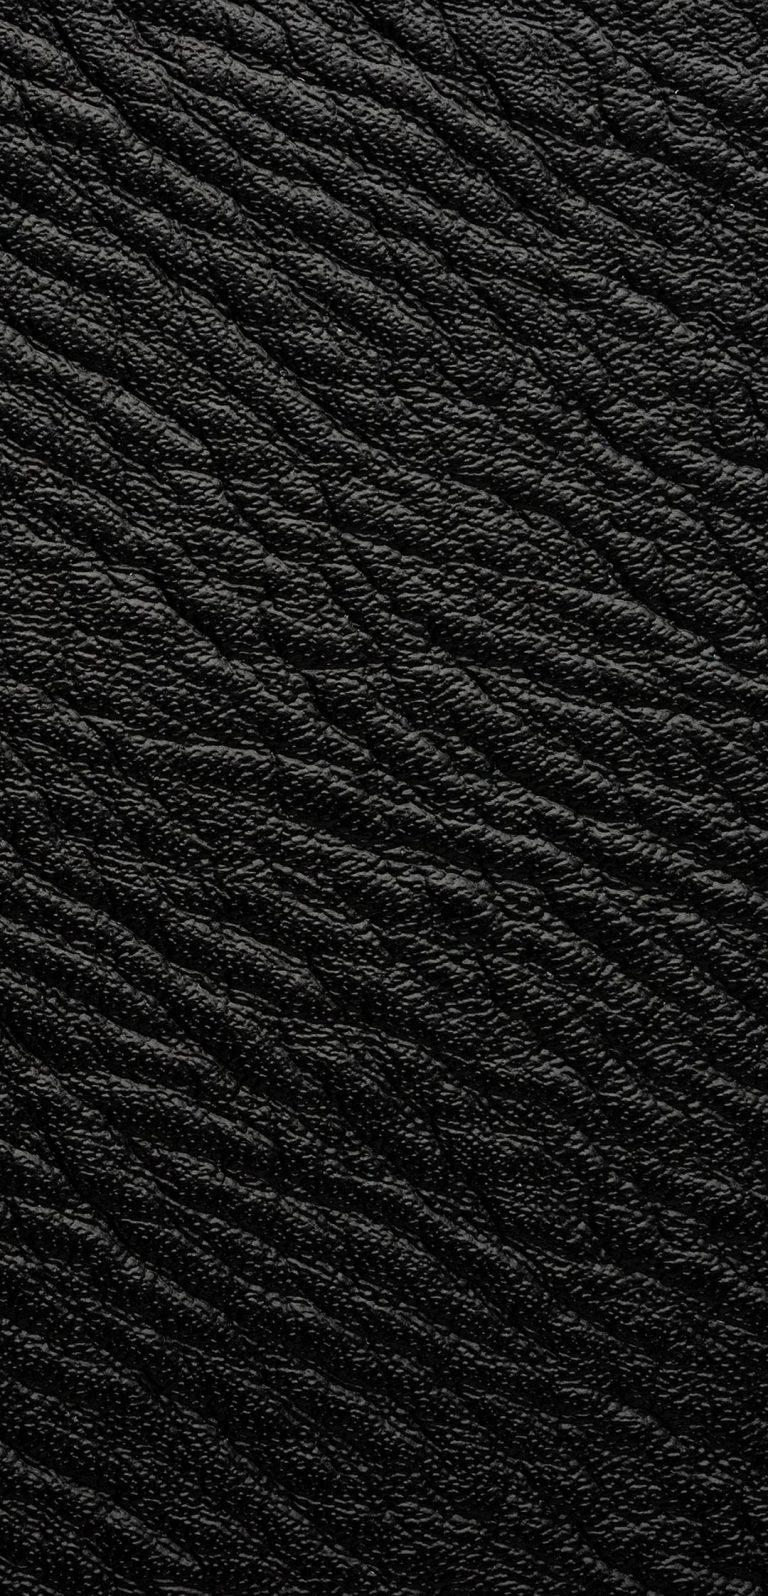 1080x2244 Wallpaper 071 768x1596